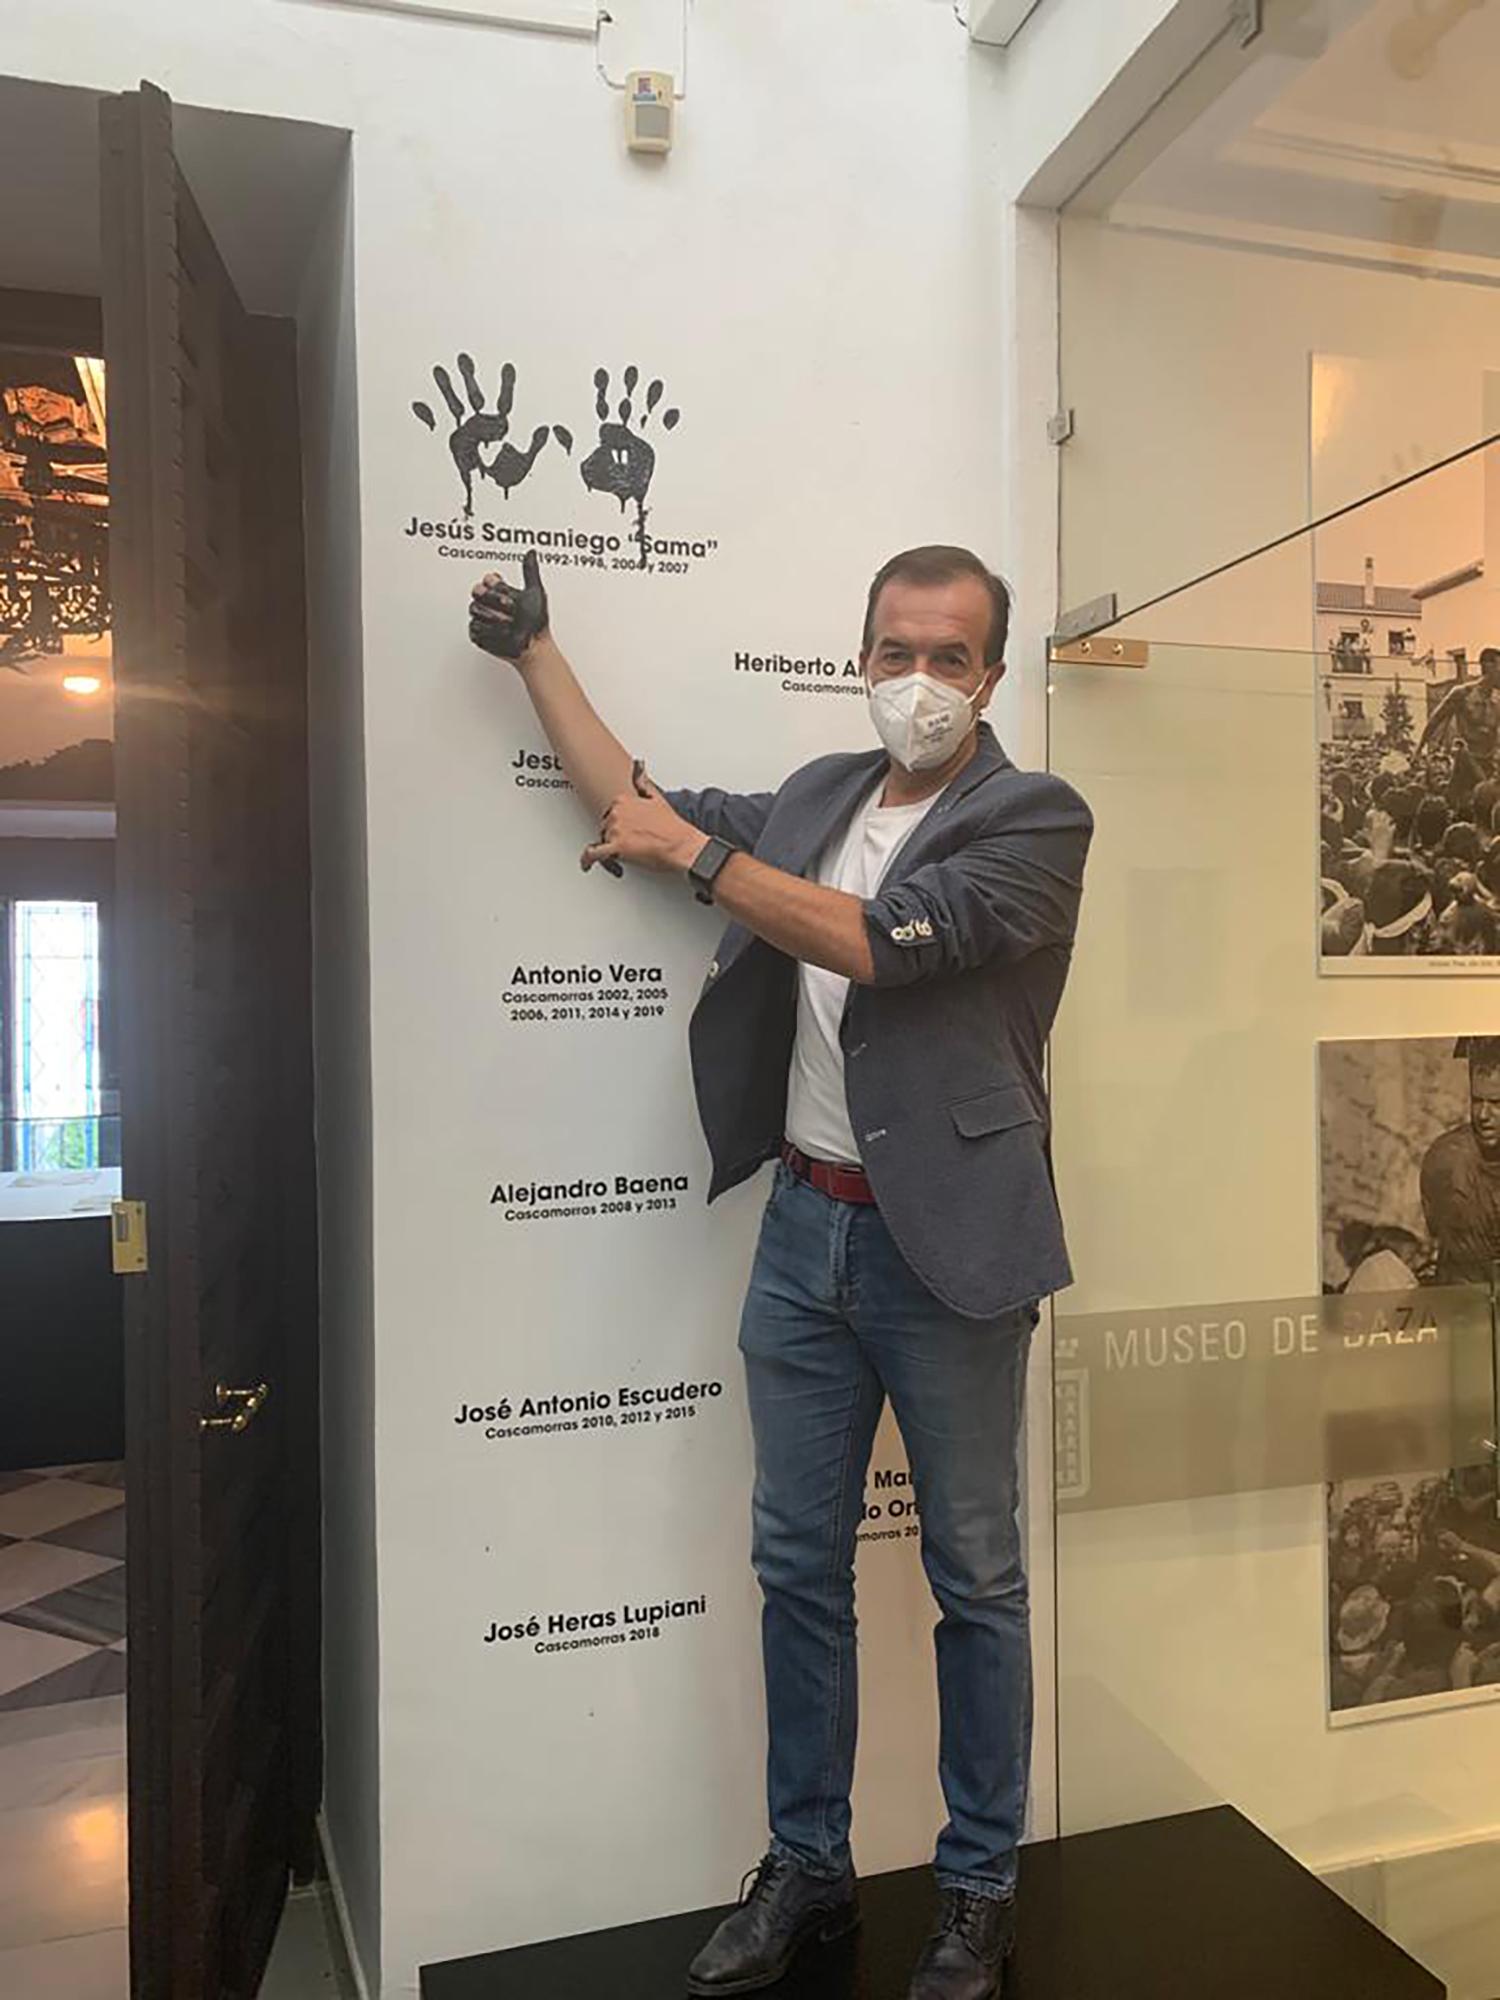 El ex Cascamorras Jesús Samaniego imprime sus manos en la pared del museo